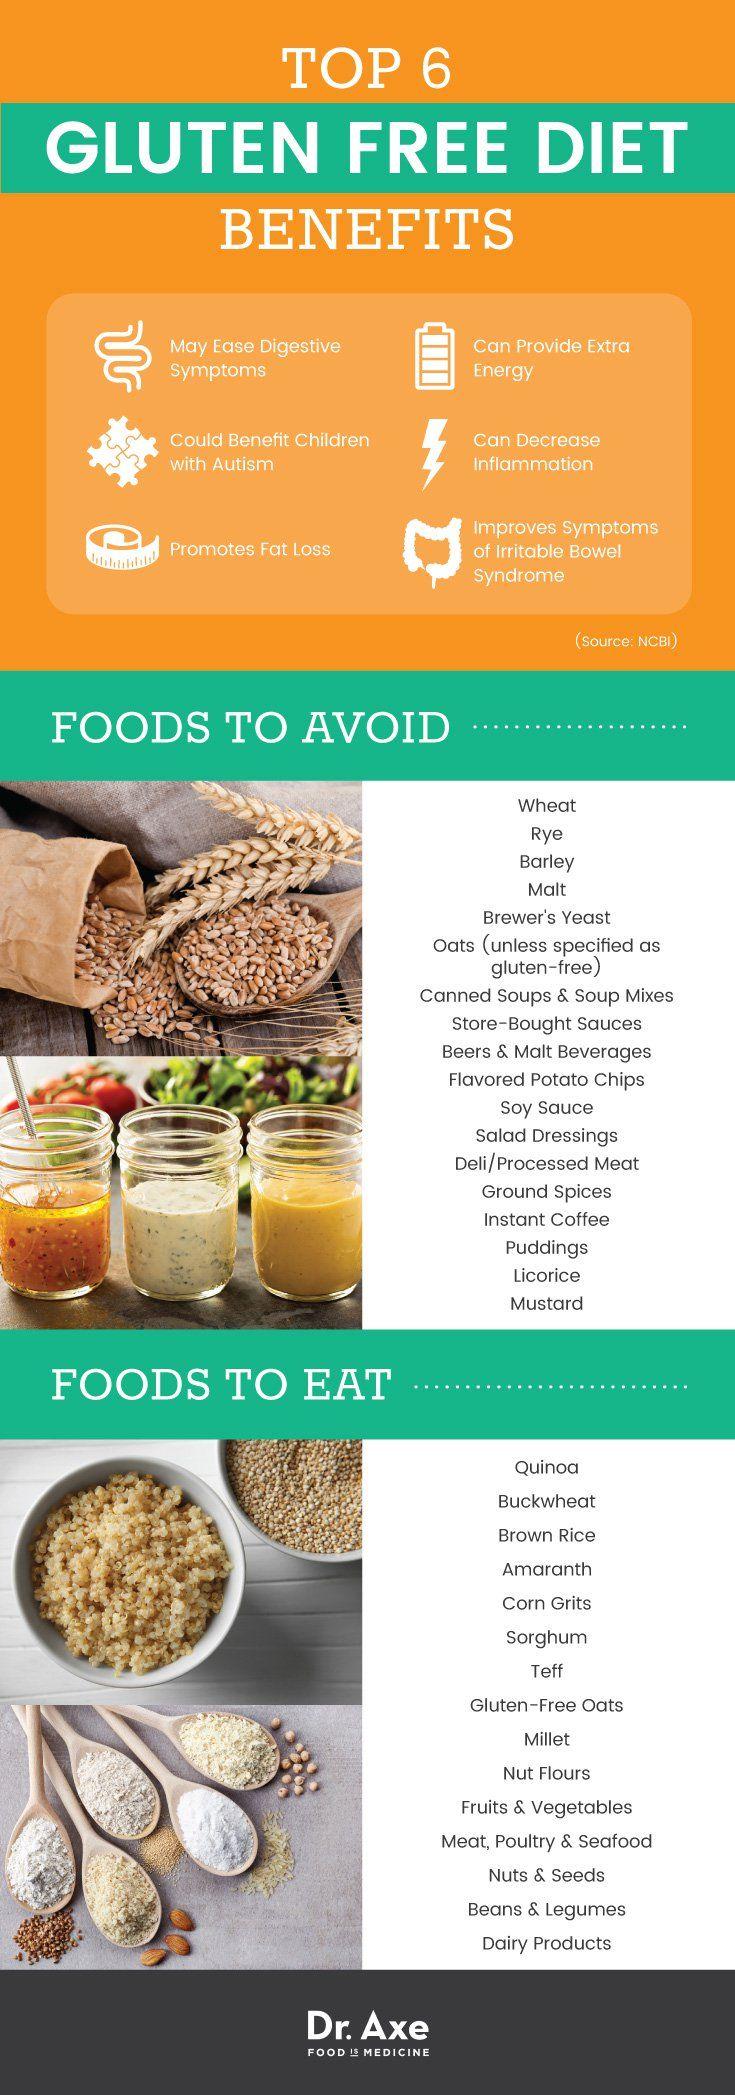 benefits of gluten free diets